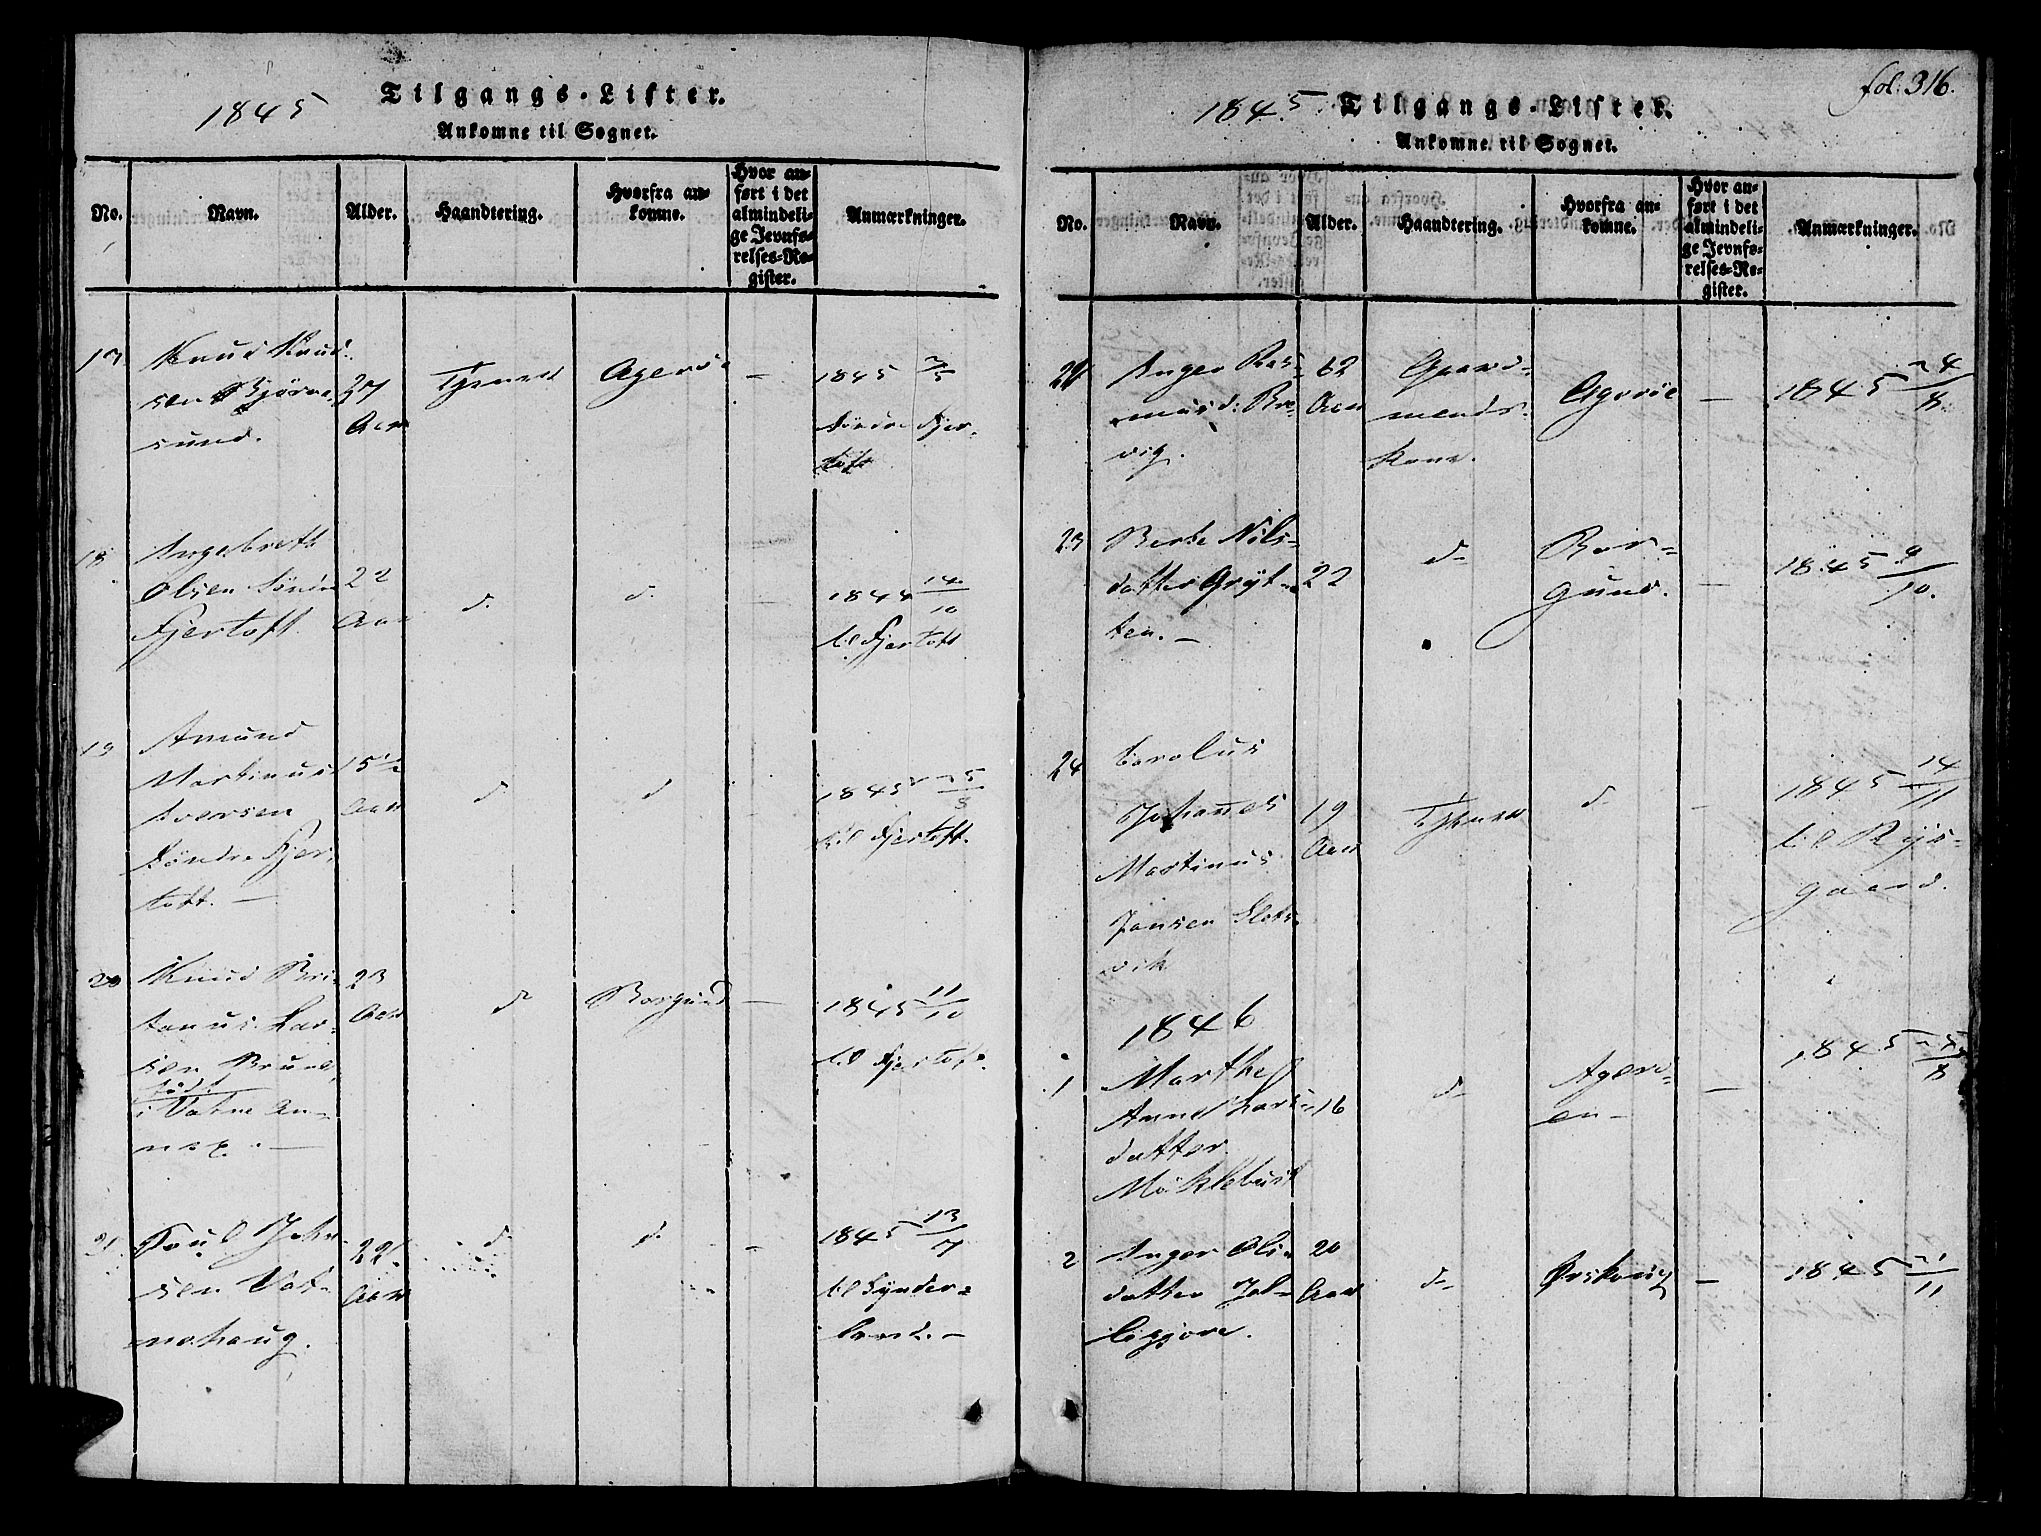 SAT, Ministerialprotokoller, klokkerbøker og fødselsregistre - Møre og Romsdal, 536/L0495: Ministerialbok nr. 536A04, 1818-1847, s. 316